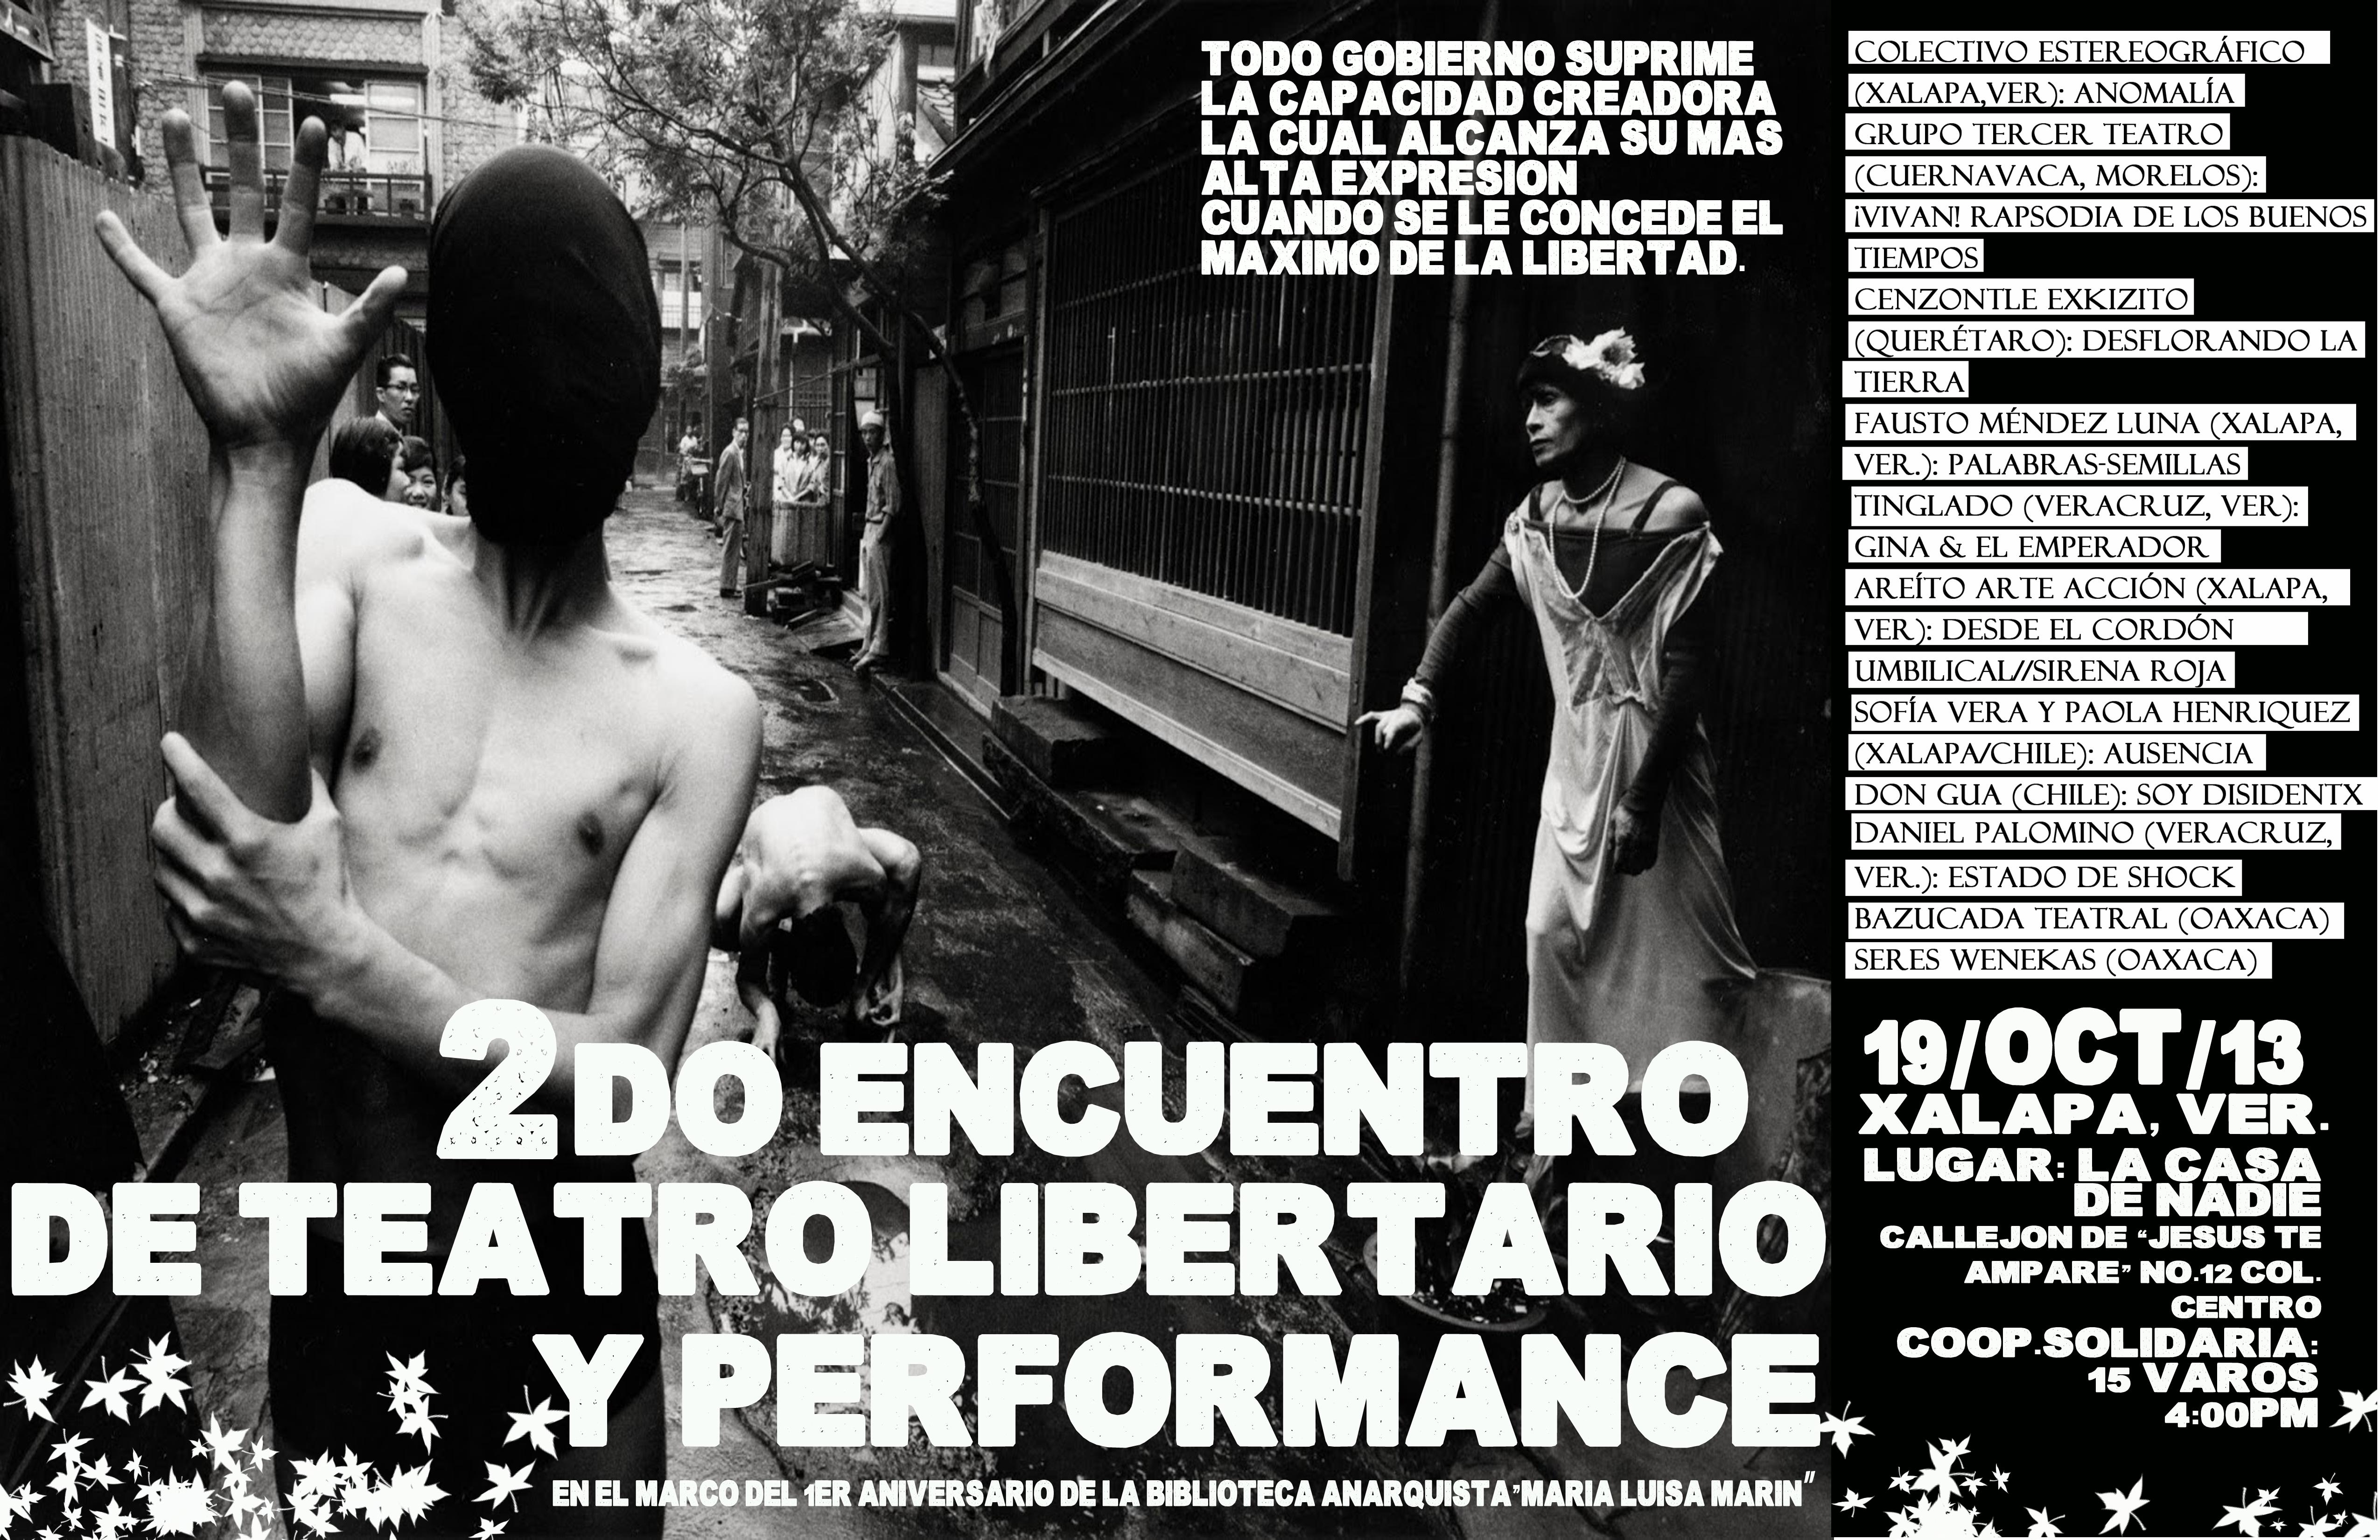 2 encuentro teatro libertario final